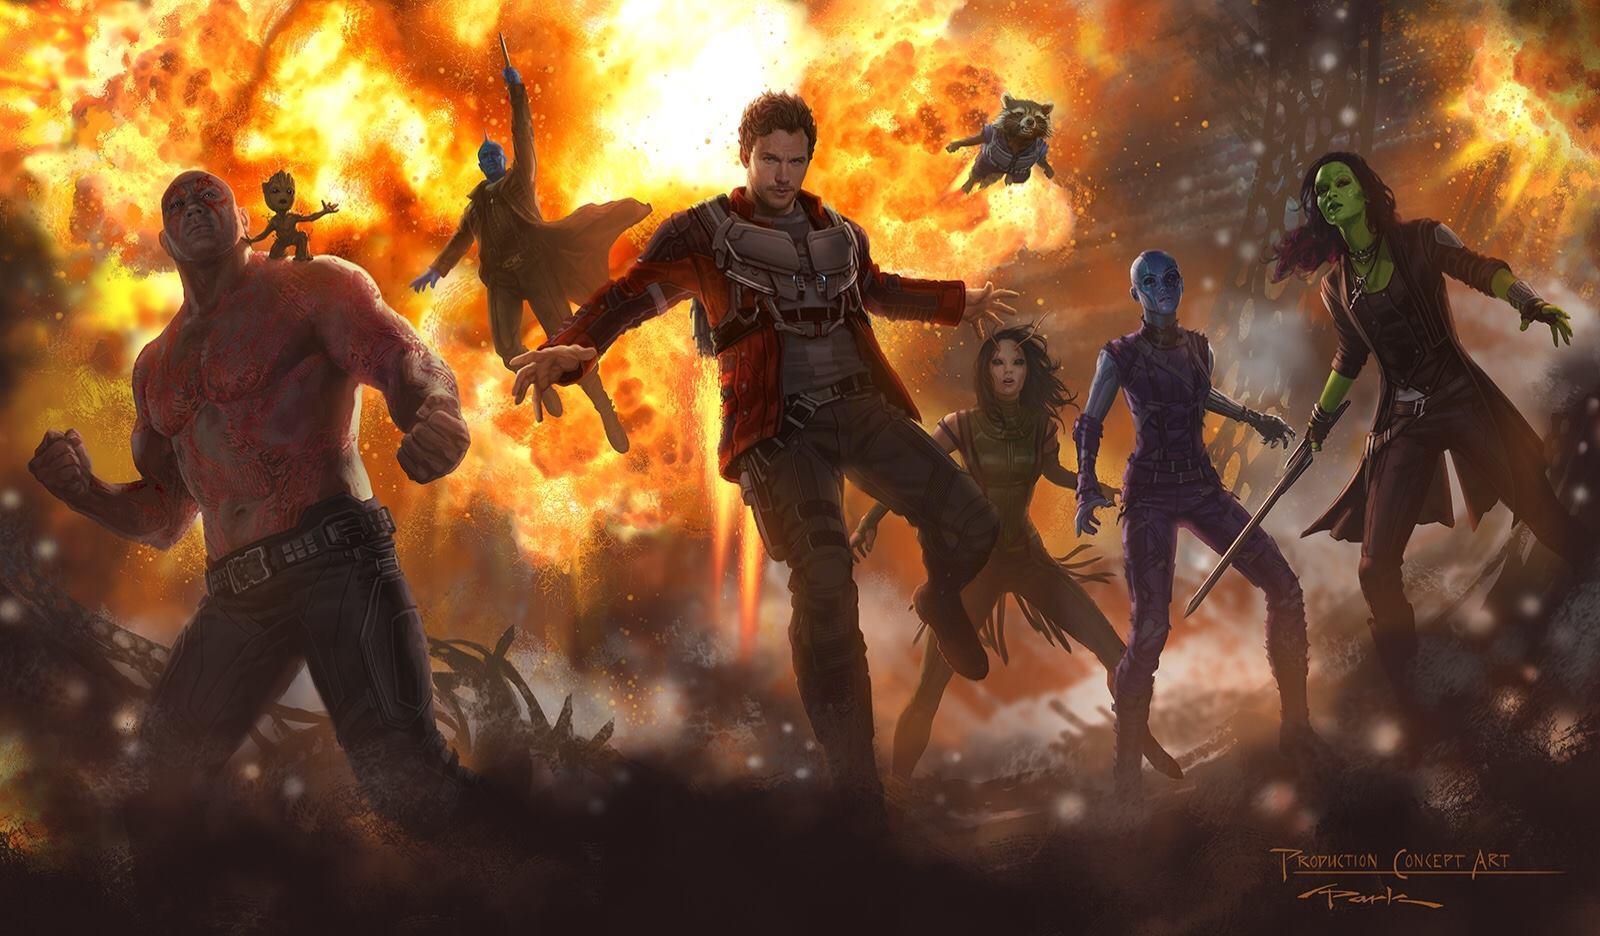 Размещен новый трейлер «Стражей Галактики 2»